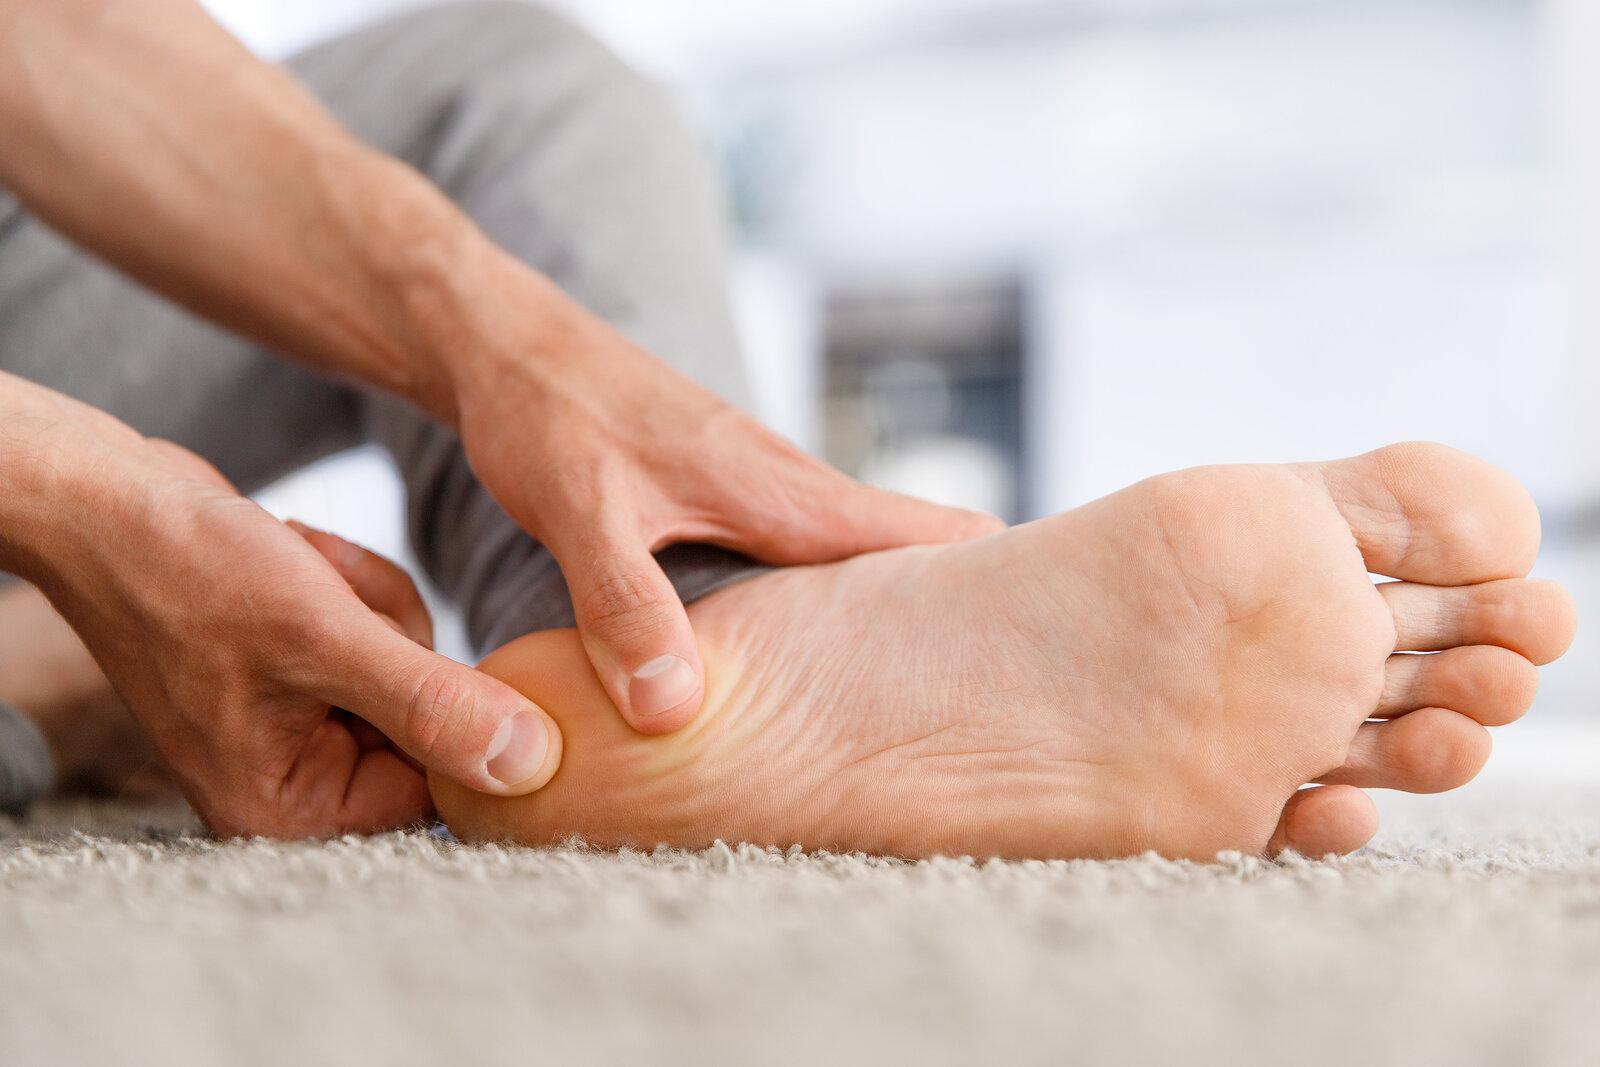 bigstock-Man-Hands-Giving-Foot-Massage--307094440.jpg